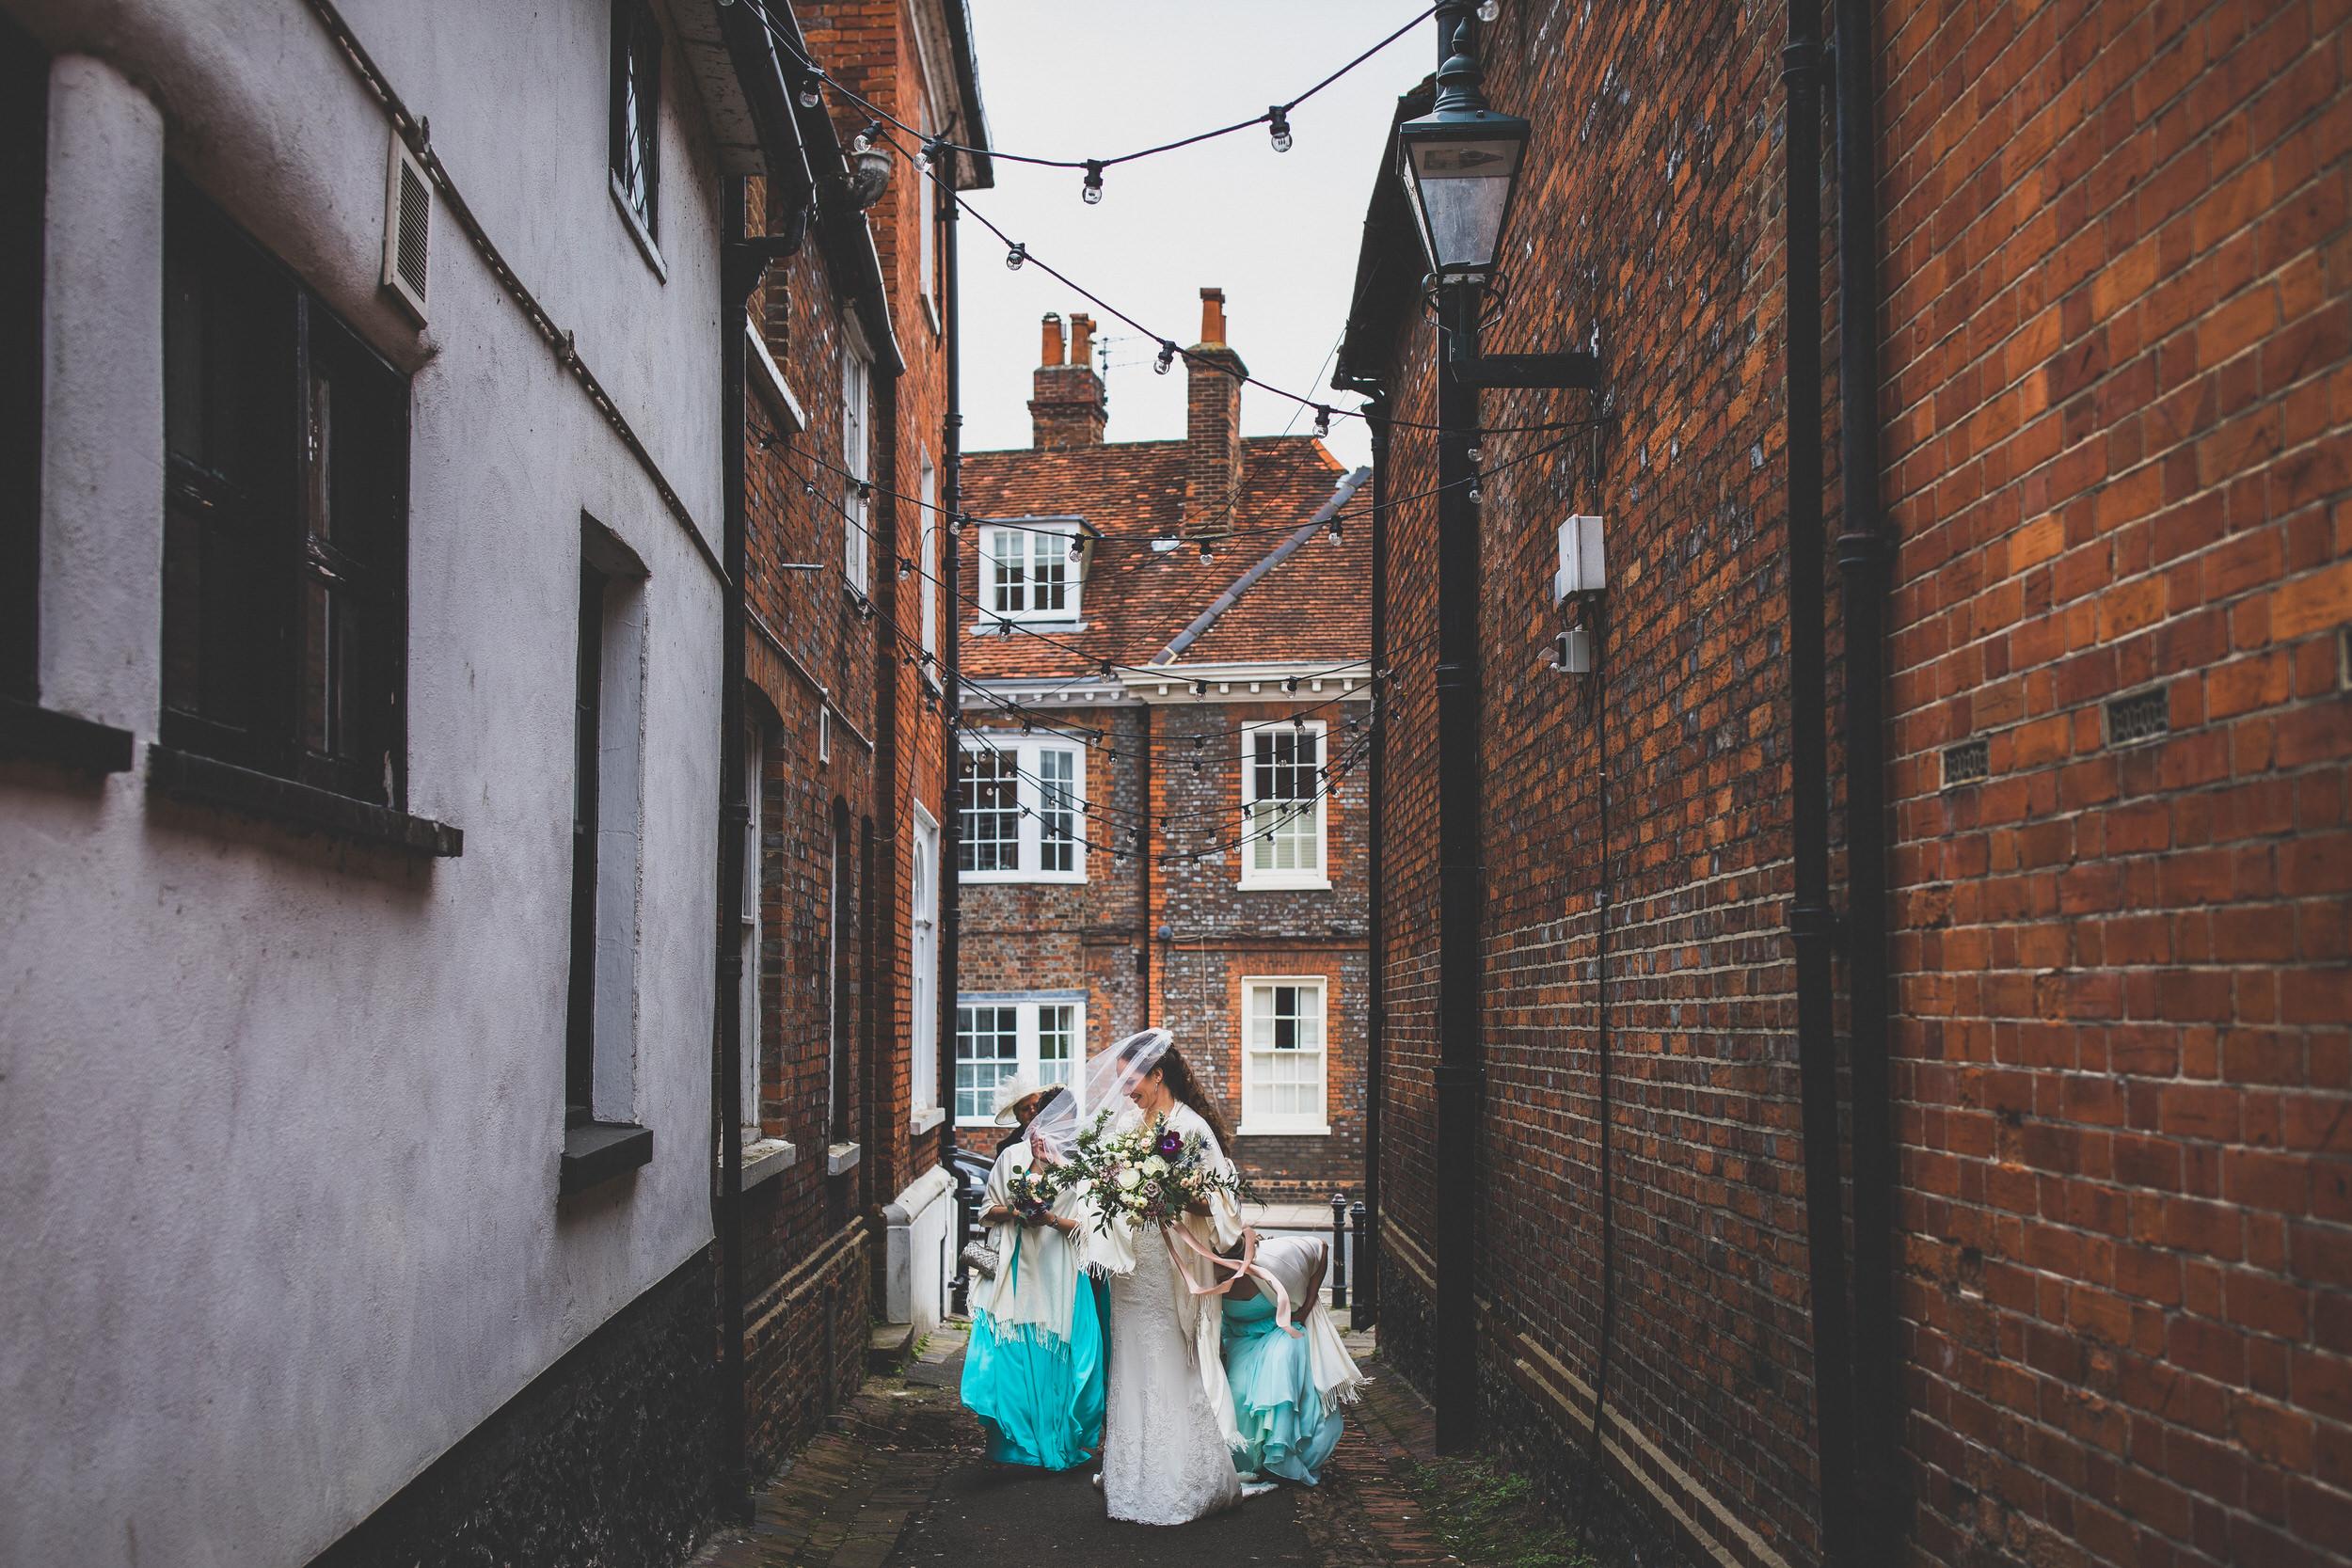 walking through inner city alleyway